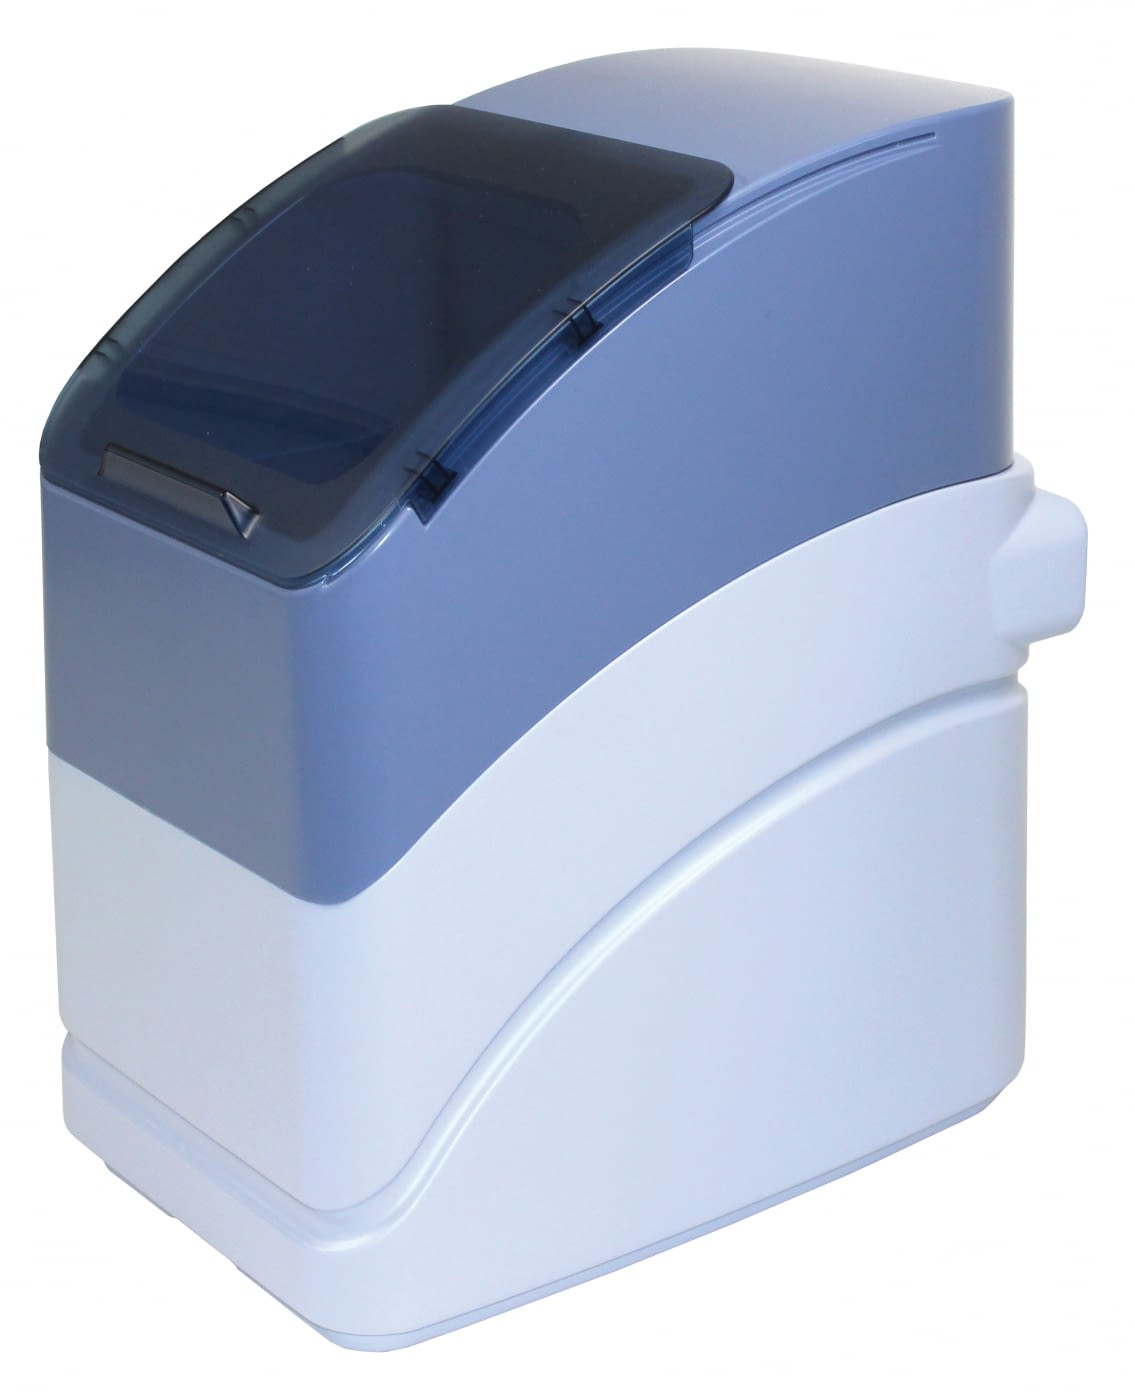 Descalcificador de agua Kinetico Essential 8 compacto, de 8 Litros, sin electricidad -